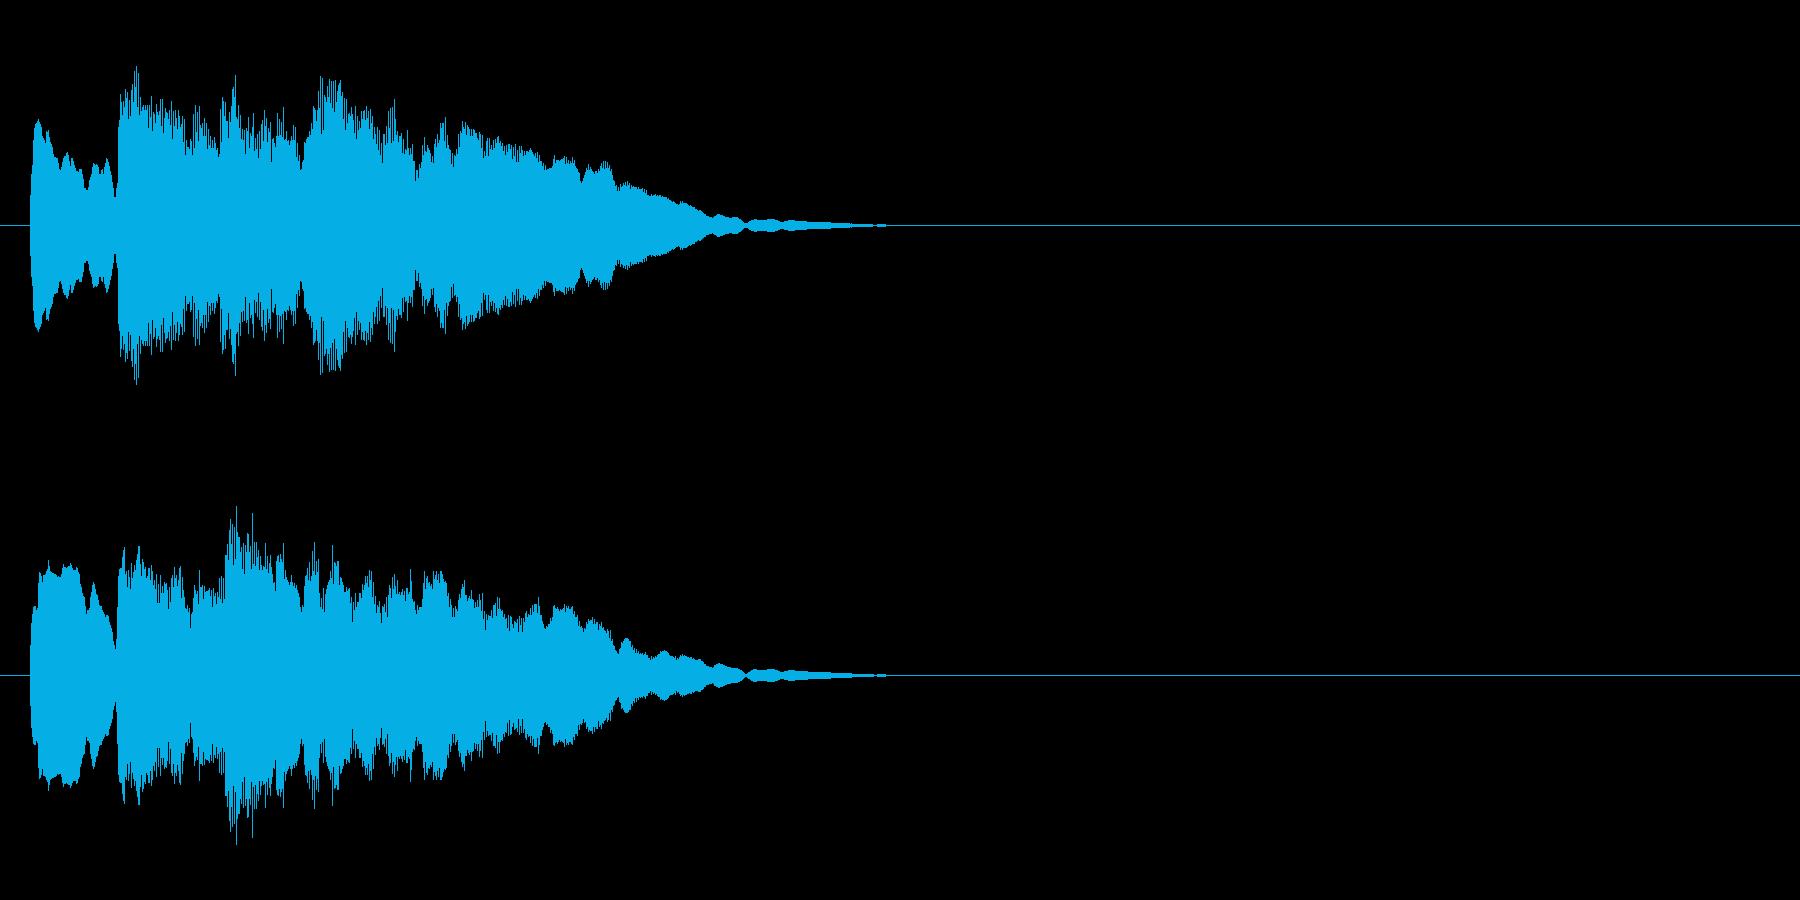 クイズ系05 正解 ピンポンピンポンの再生済みの波形